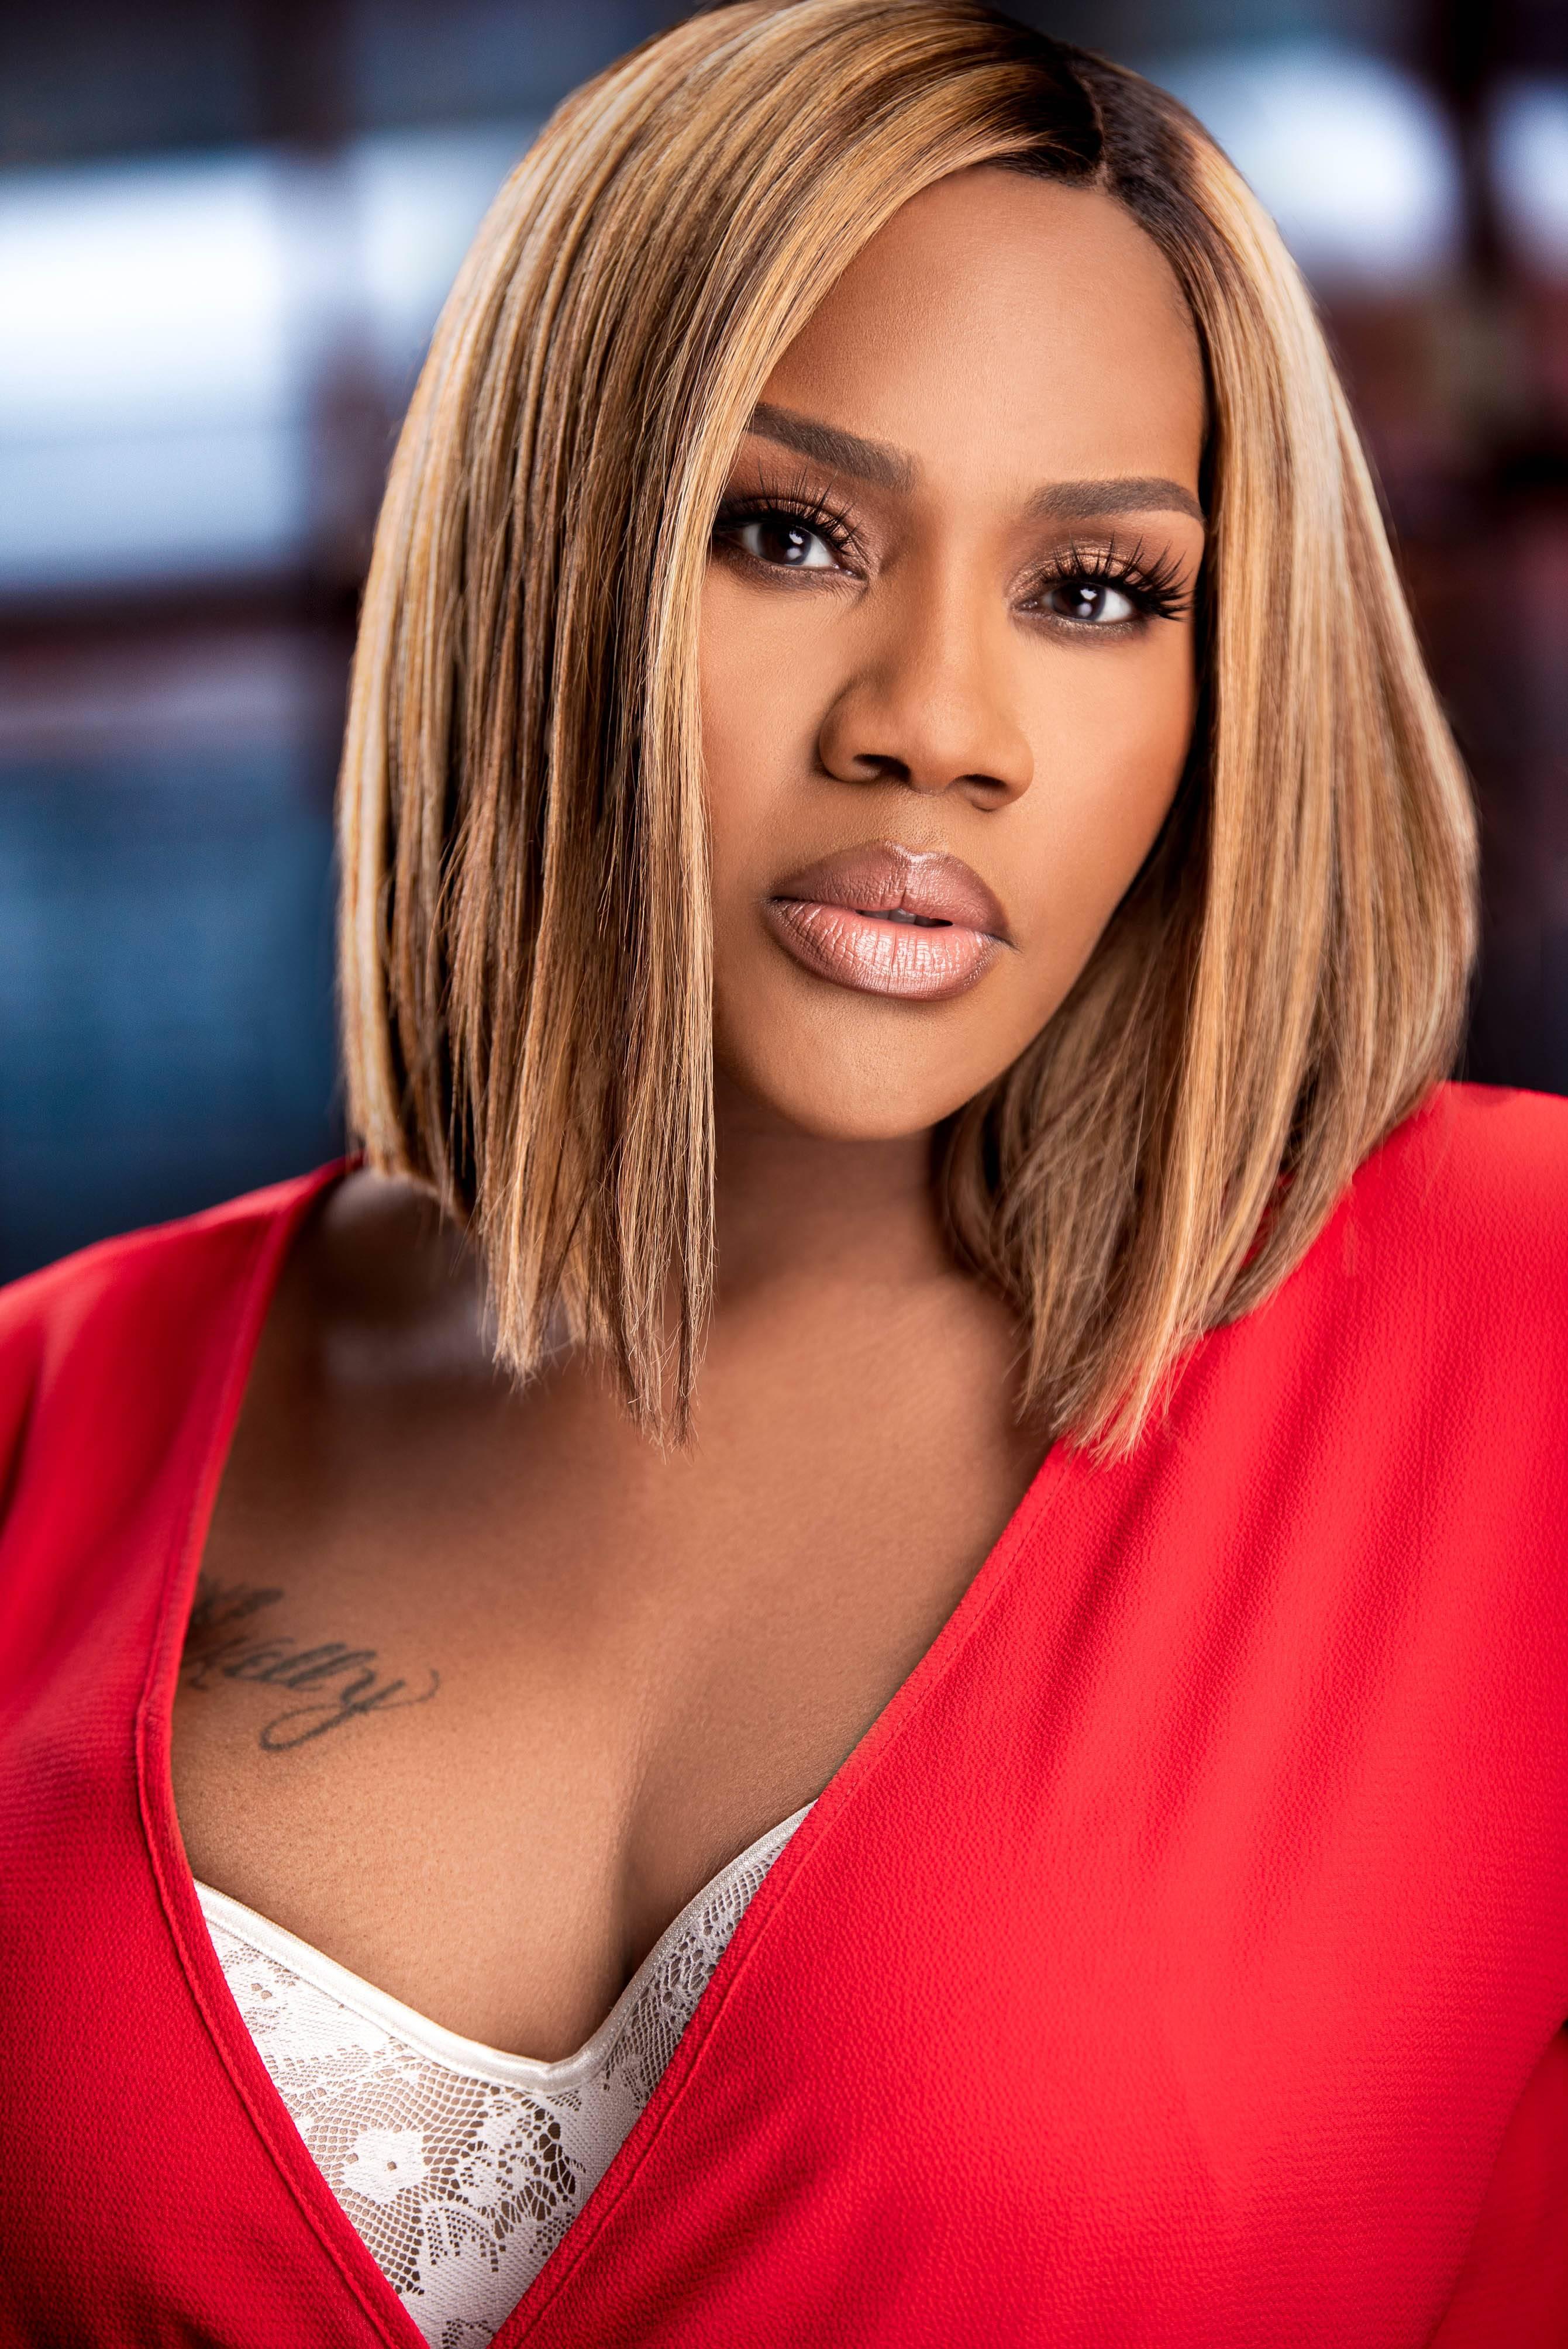 R&B and gospel singer Kelly Price - (Courtesy of JCE)